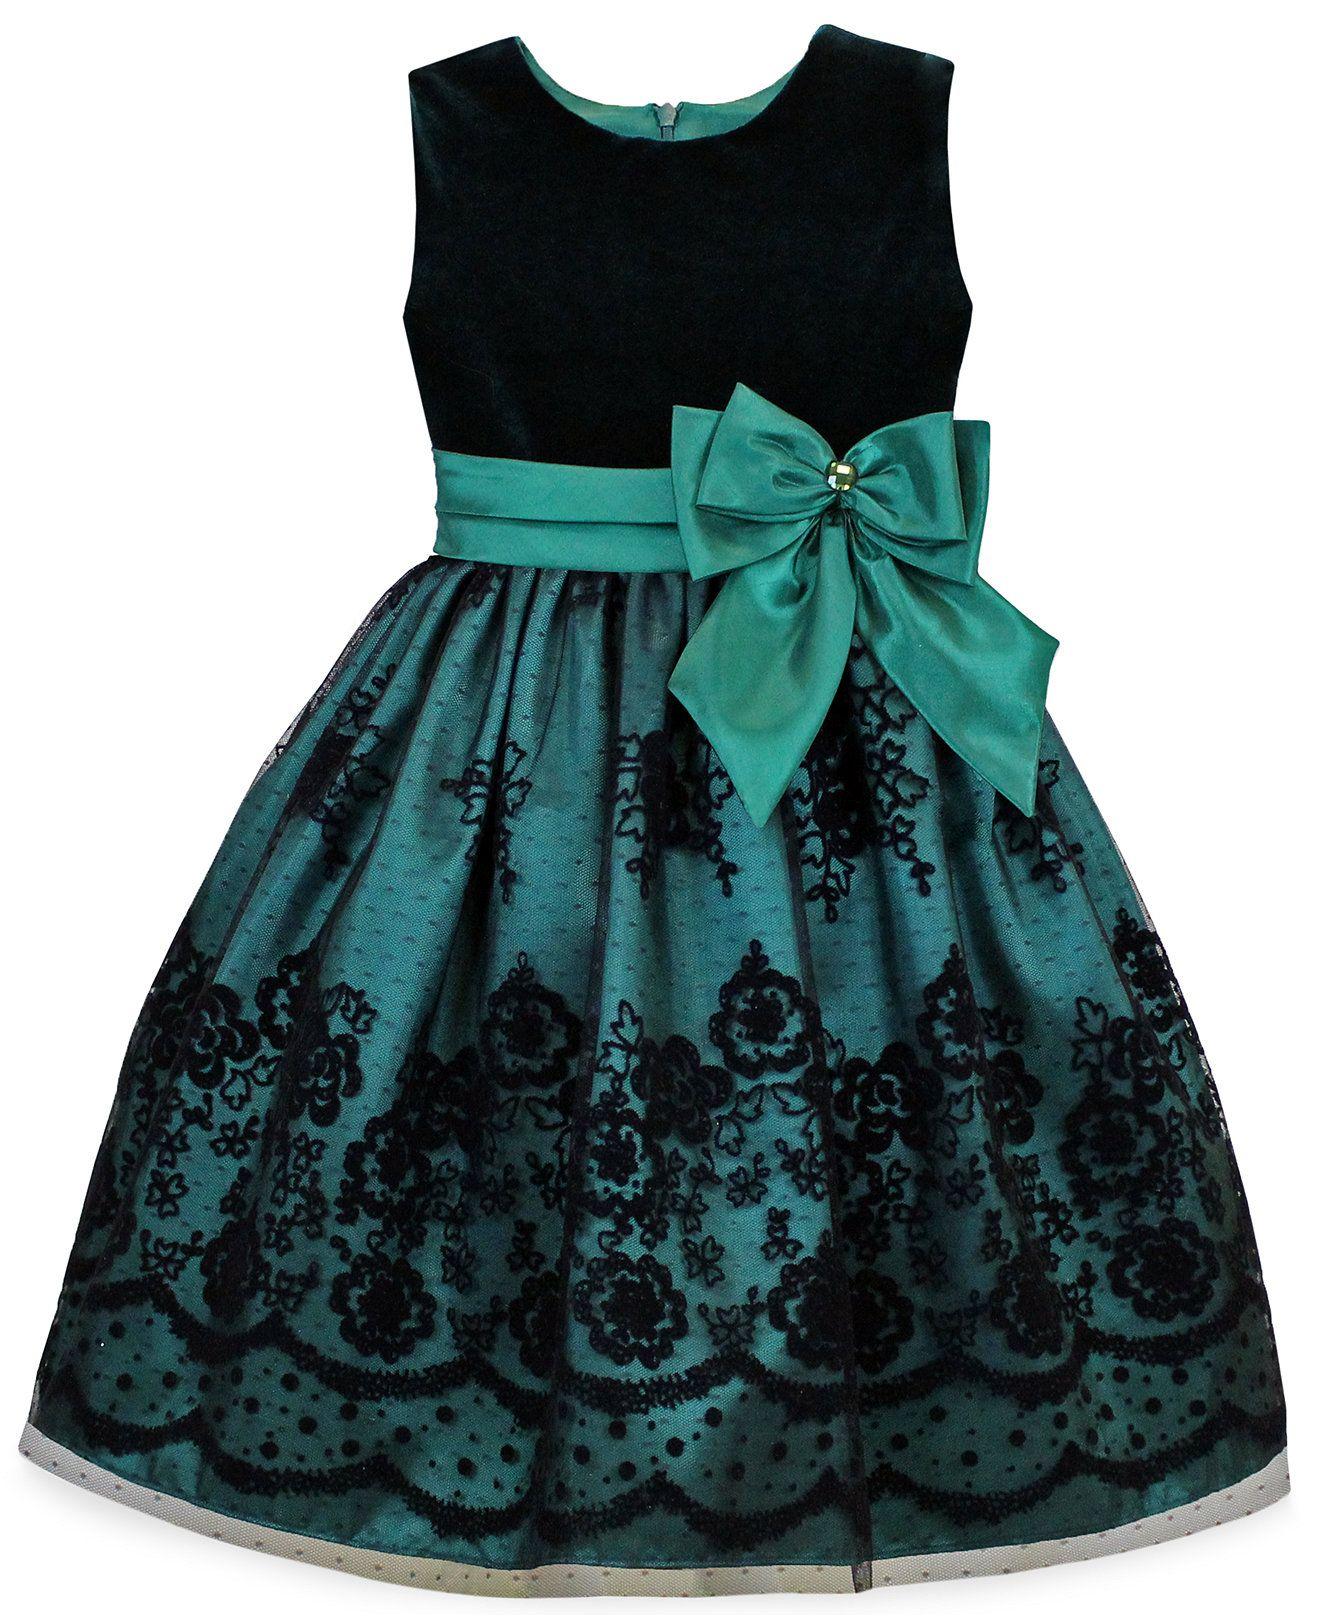 Jayne copeland girls velvet flocked dress reviews all